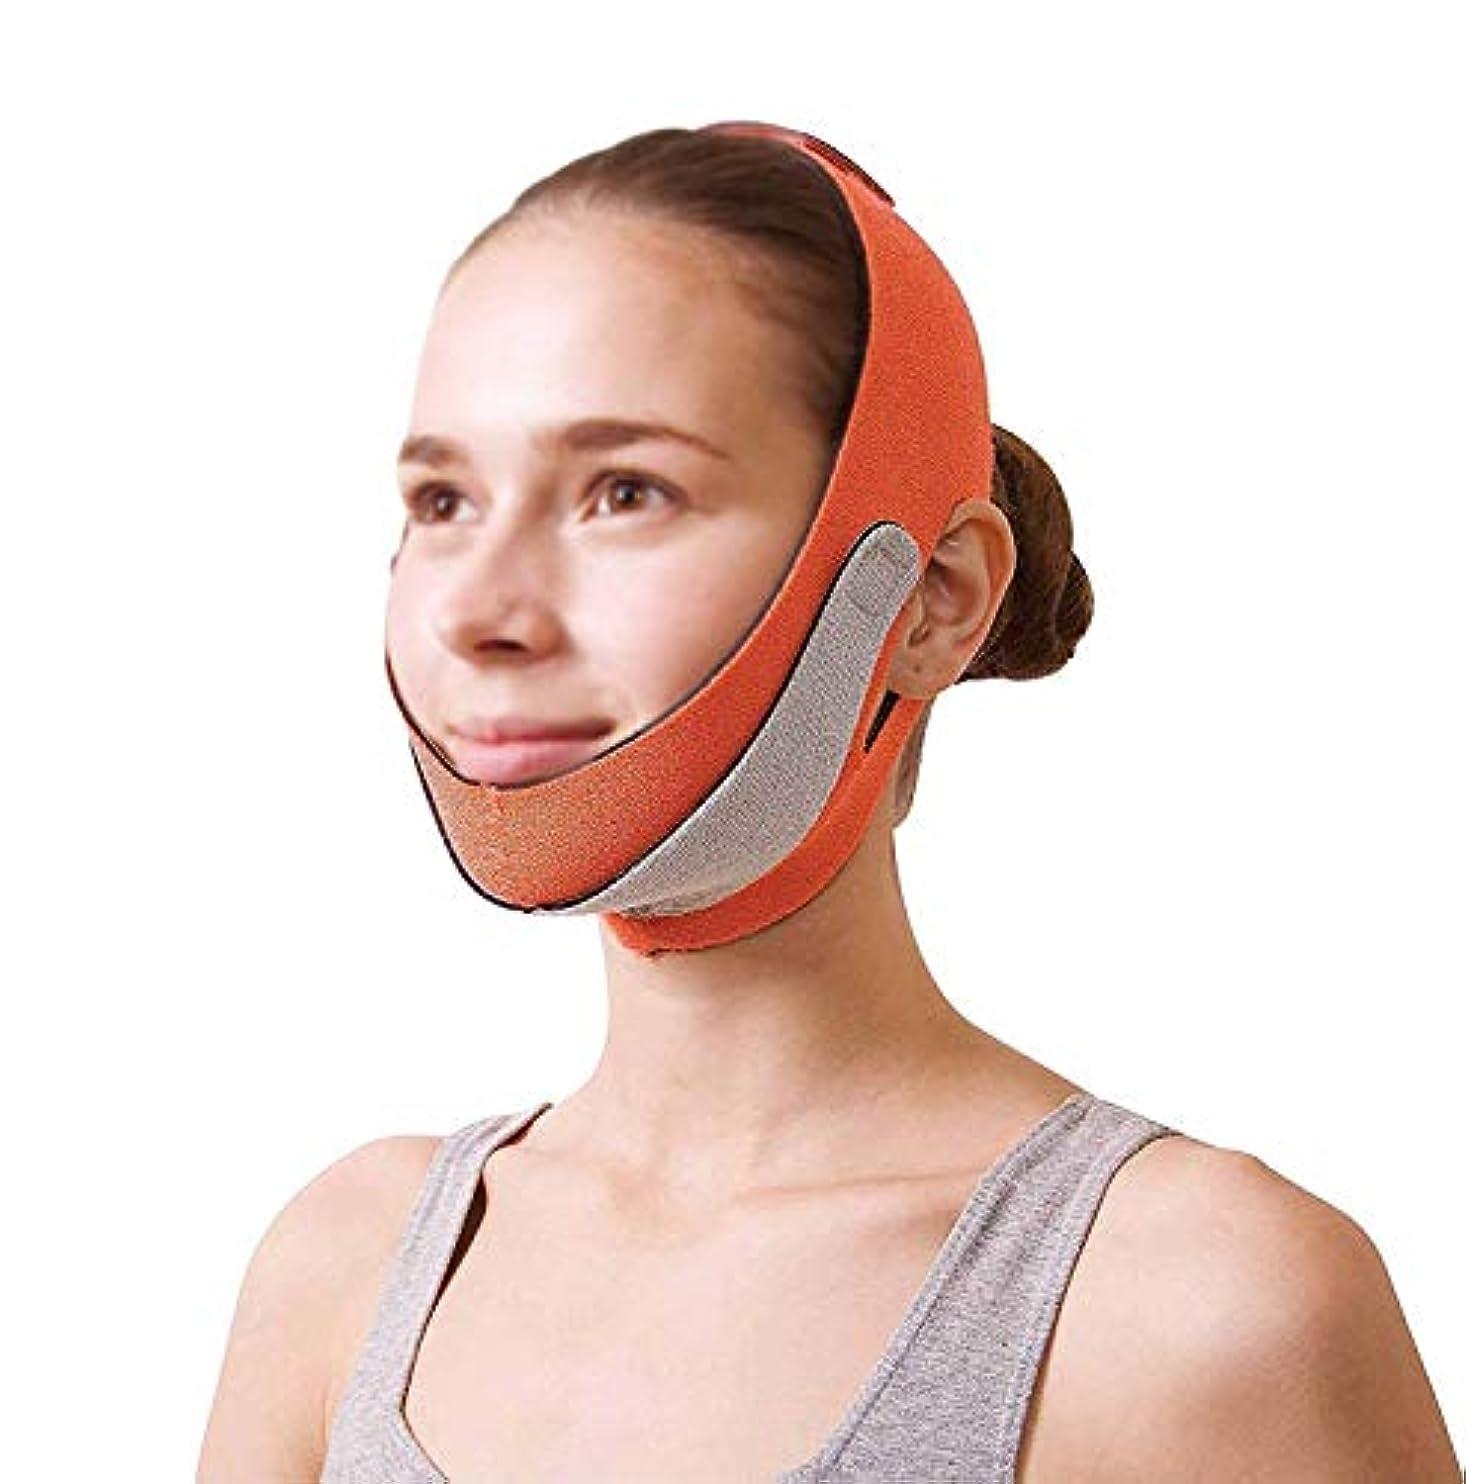 狂う彼女自身ぐるぐるフェイスリフトマスク、あごストラップ回復ポスト包帯ヘッドギアフェイスマスク顔薄いフェイスマスクアーティファクト美容顔と首リフトオレンジマスク